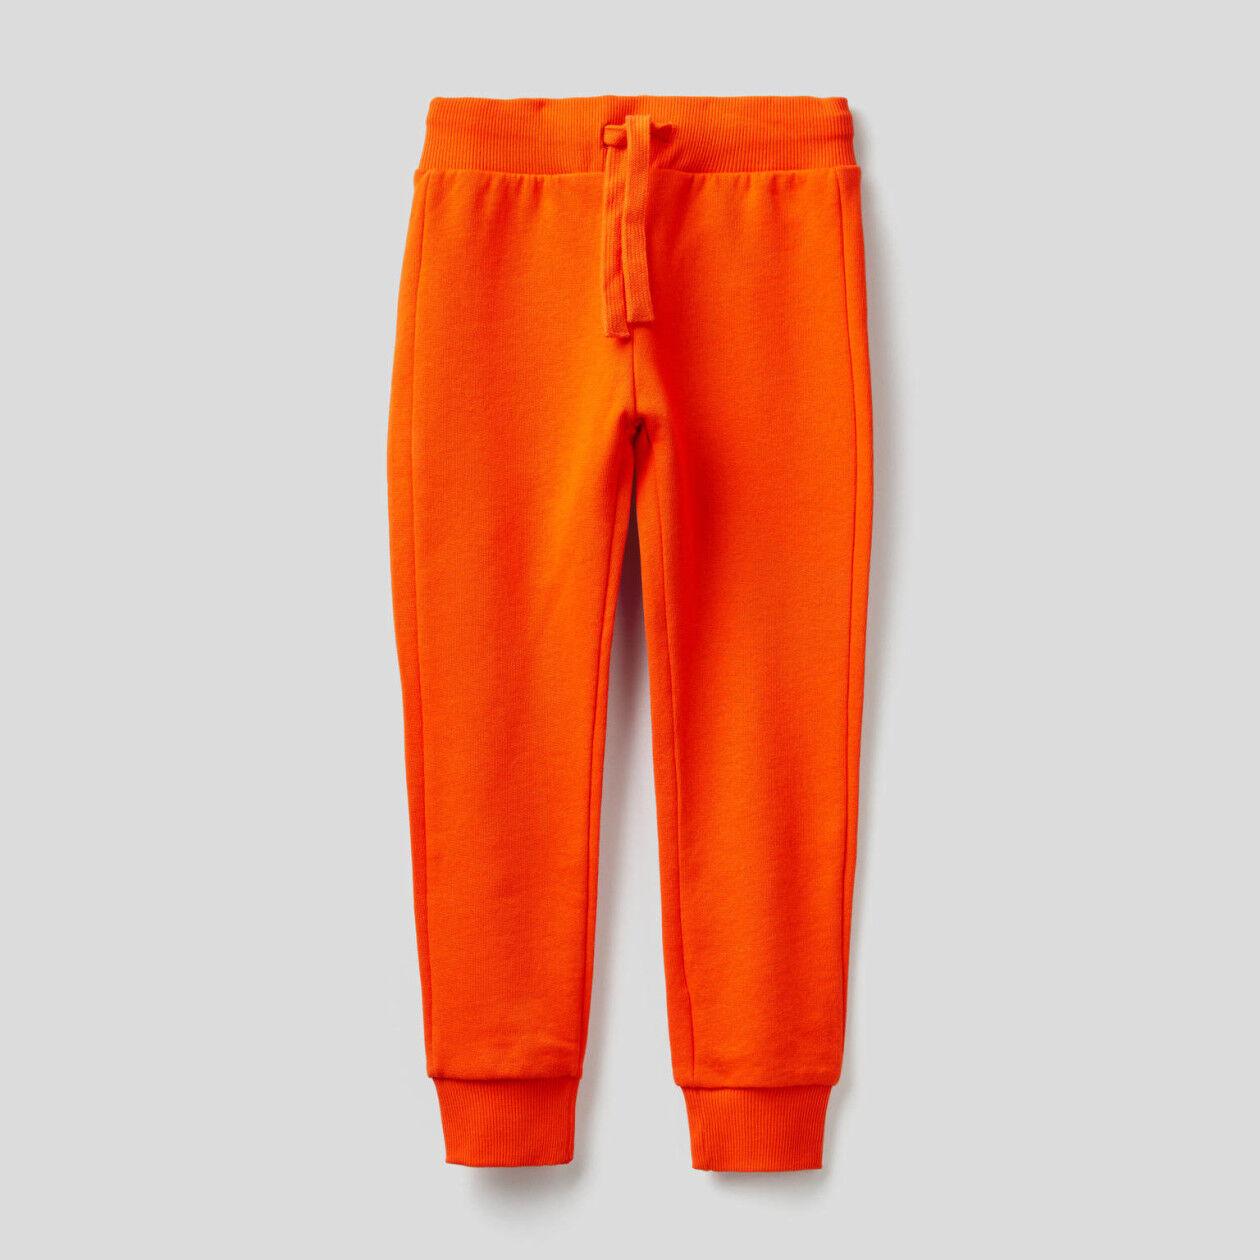 Παντελόνι φούτερ από αγνό βαμβακερό